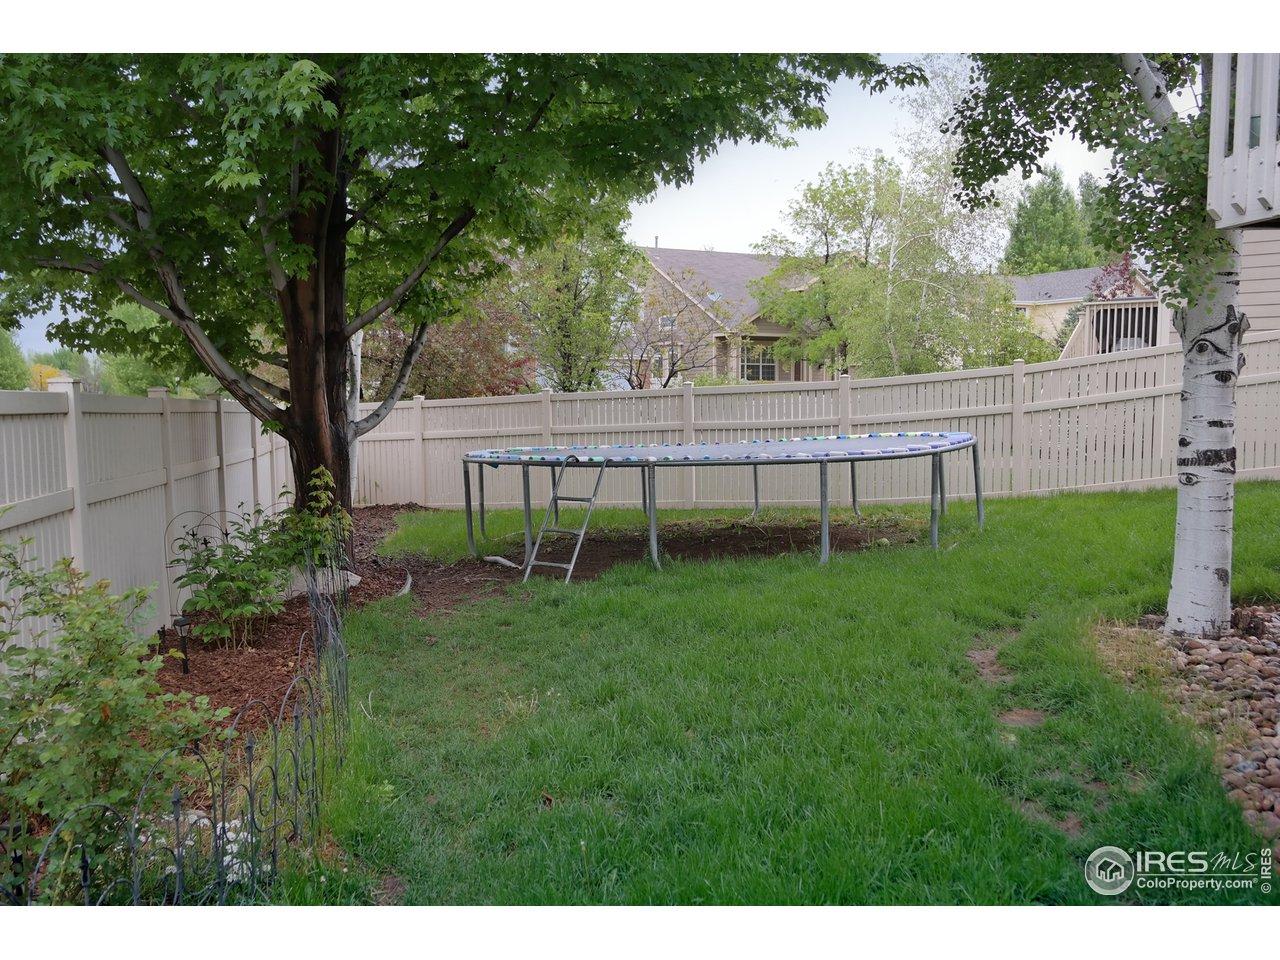 Backyard for Play